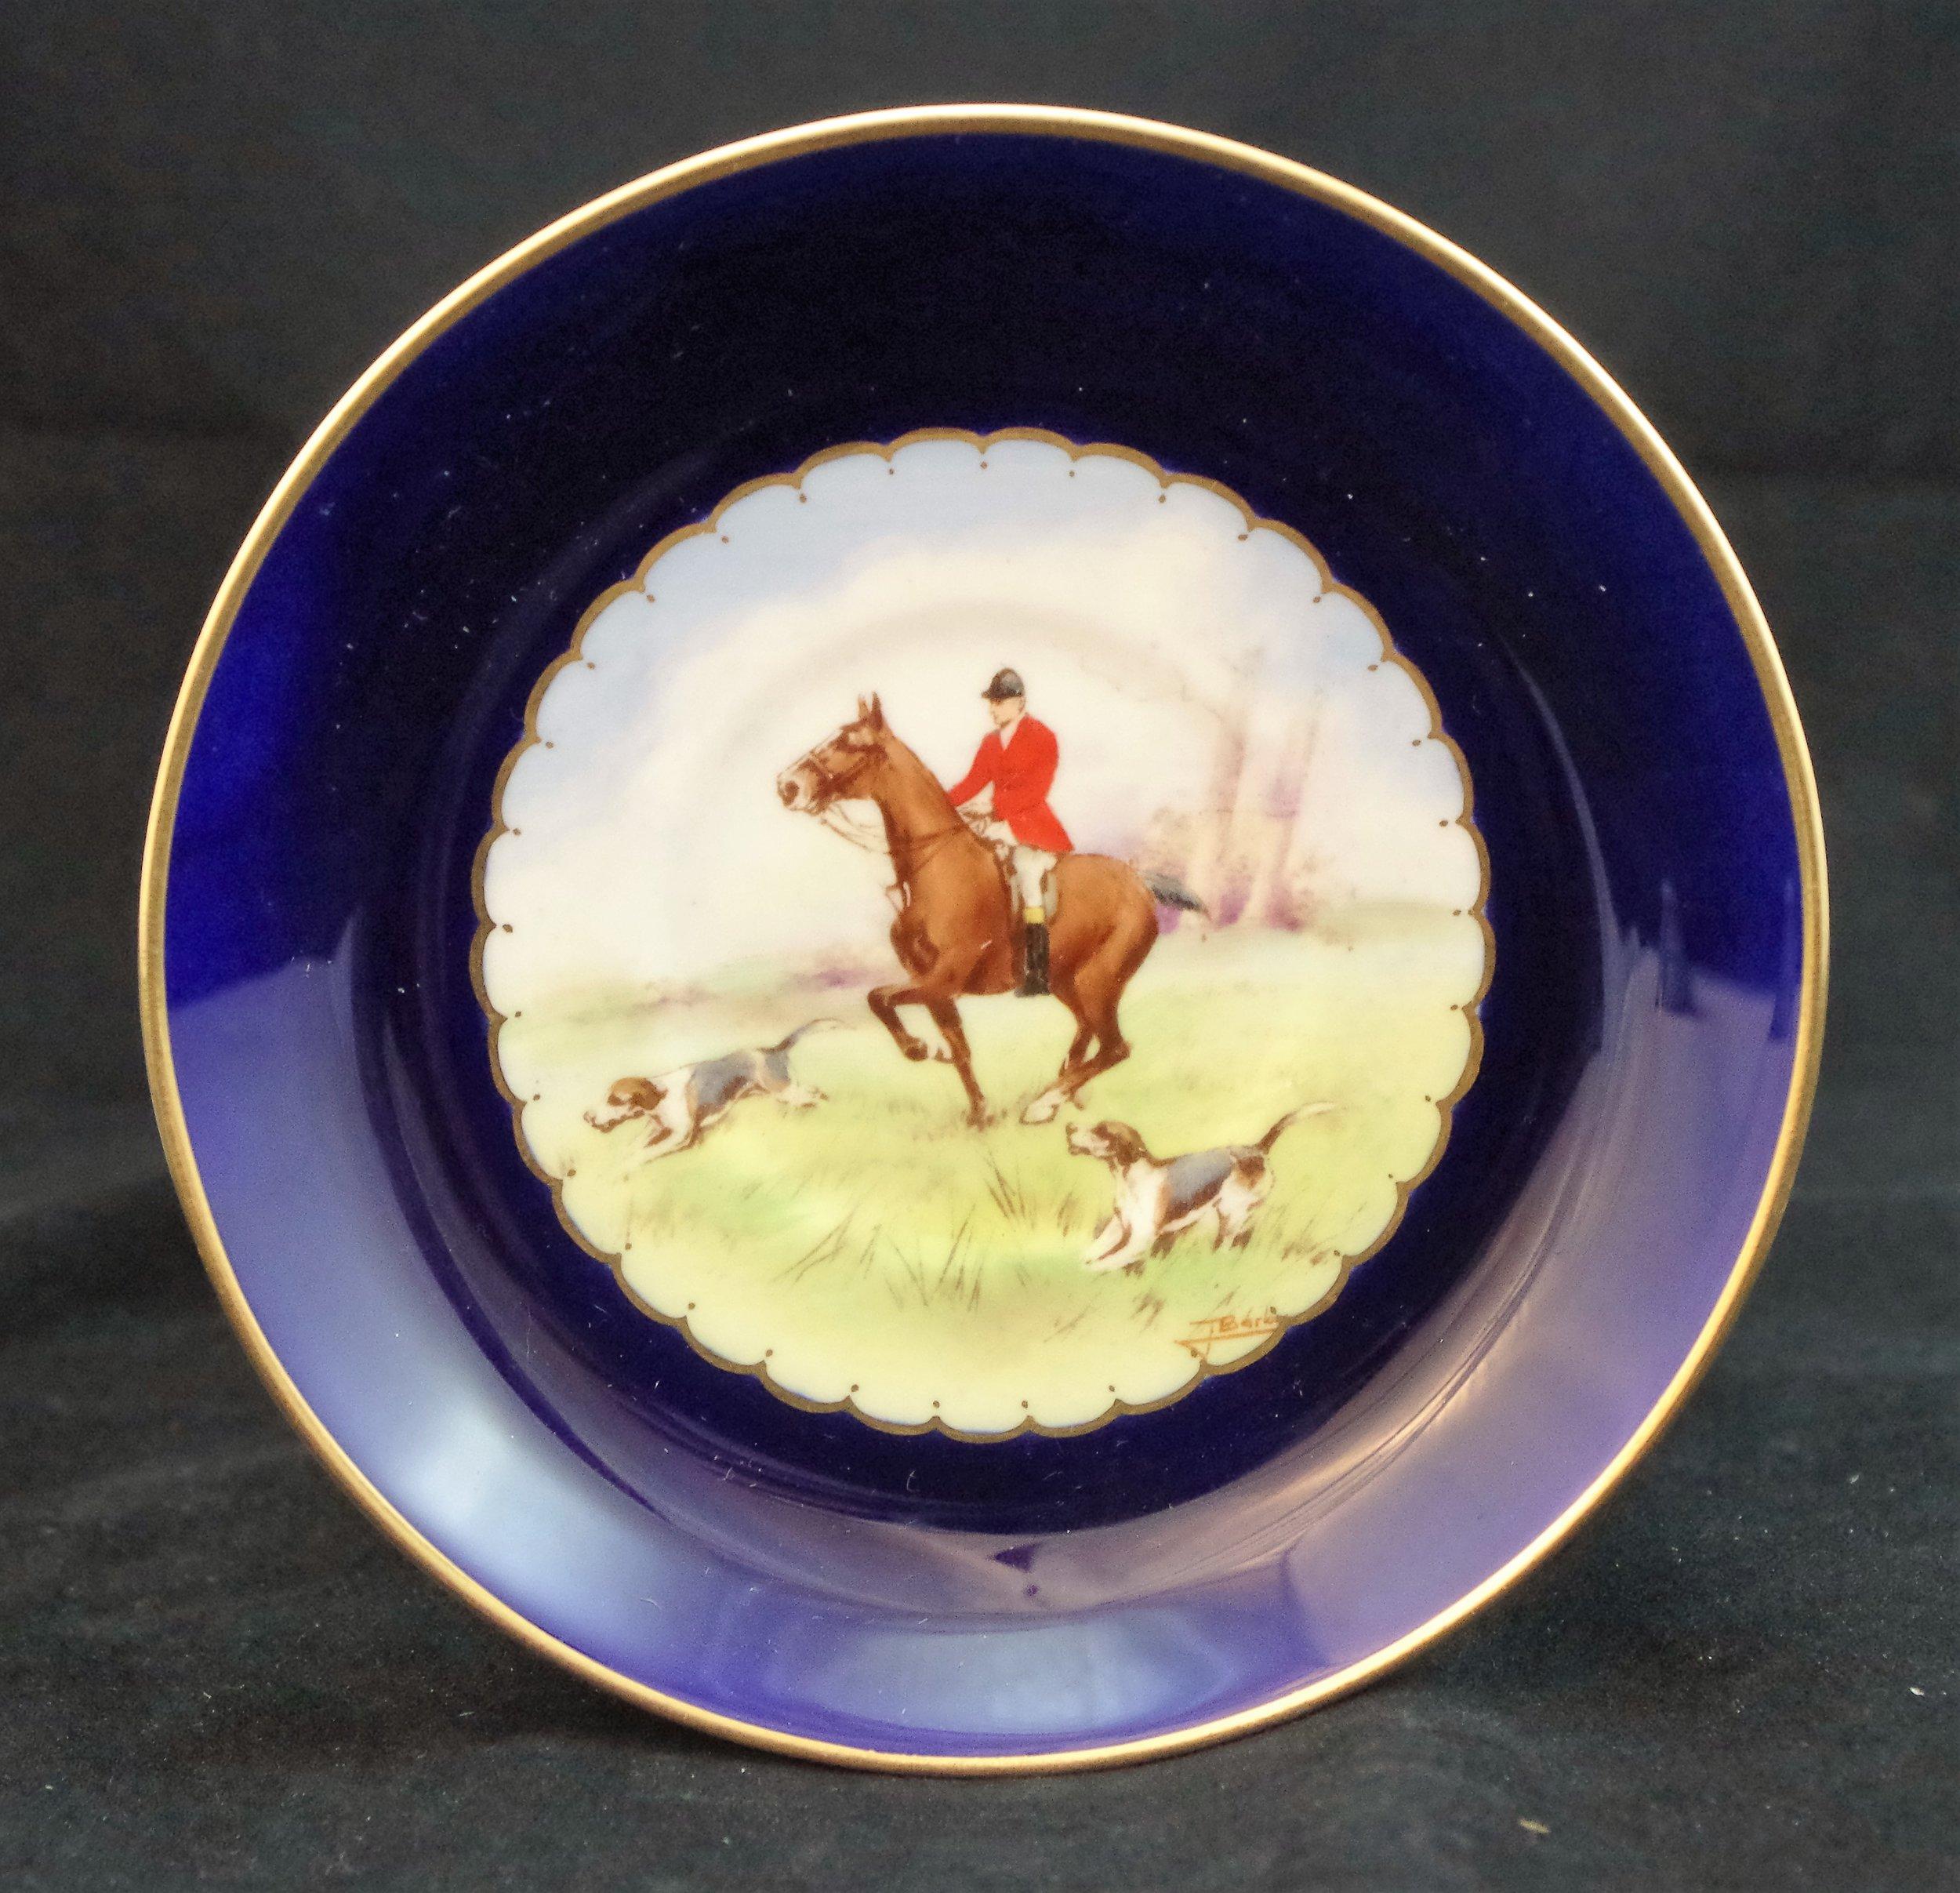 royal-crown-derby-ely-shape-saucer-cobalt-ground-hunting-scene